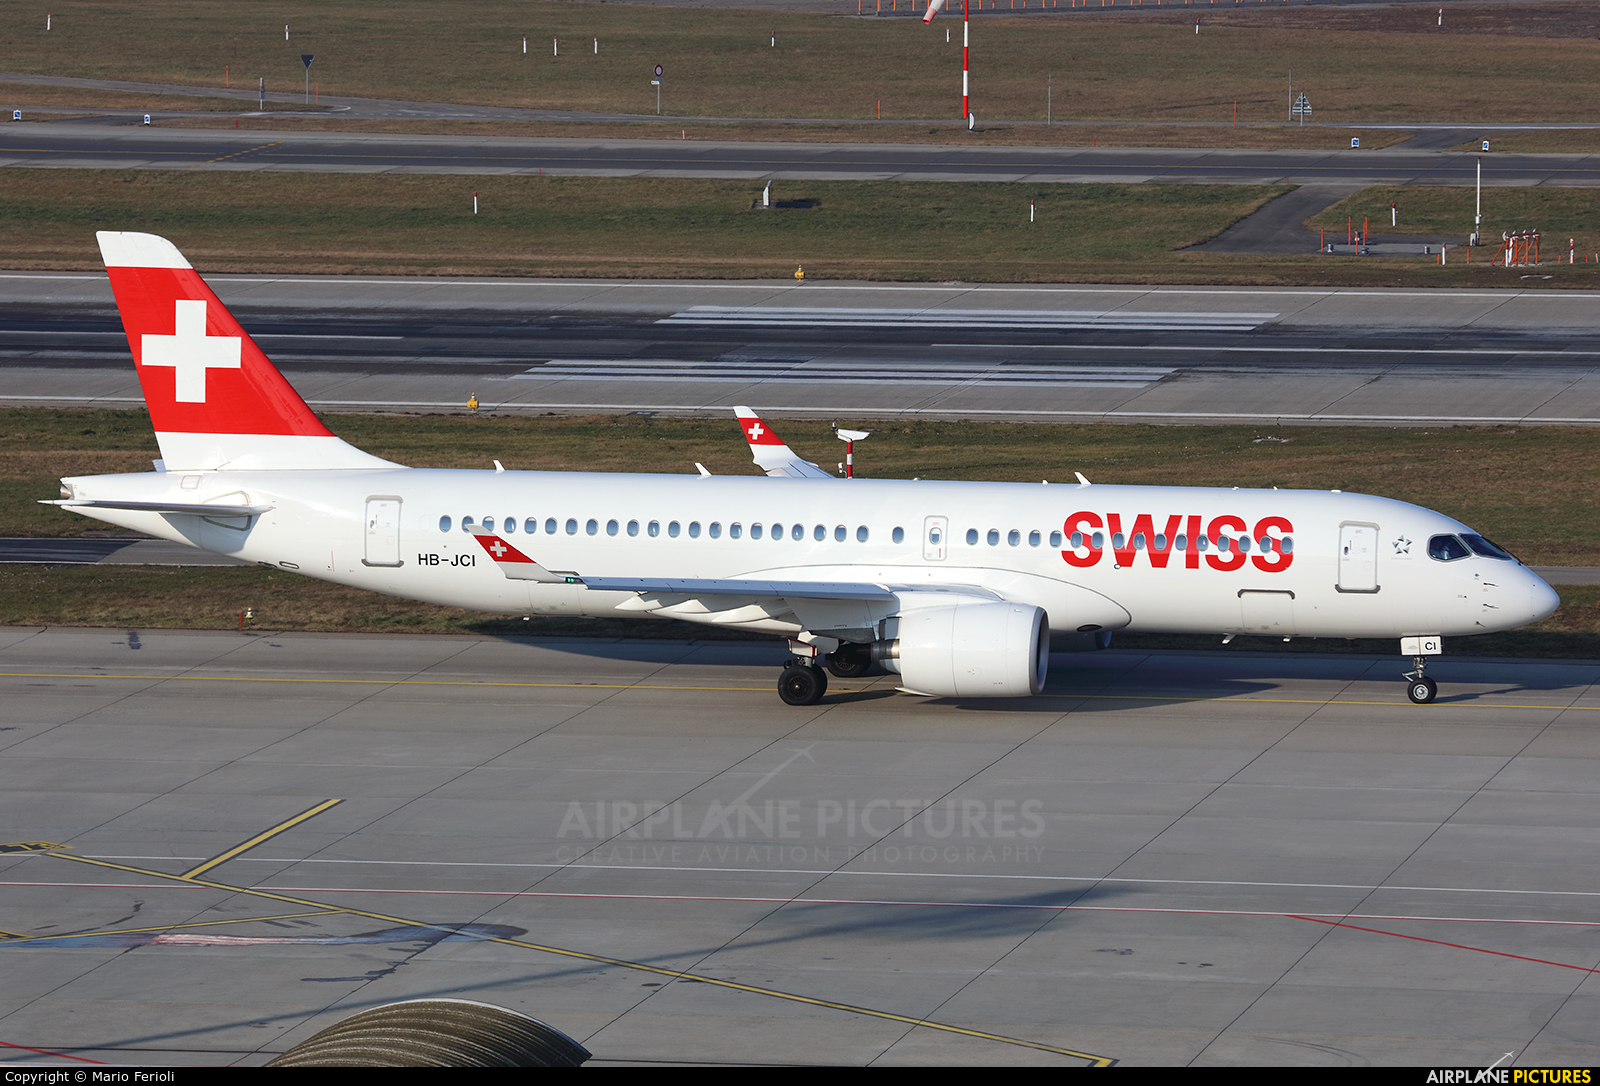 Swiss HB-JCI aircraft at Zurich